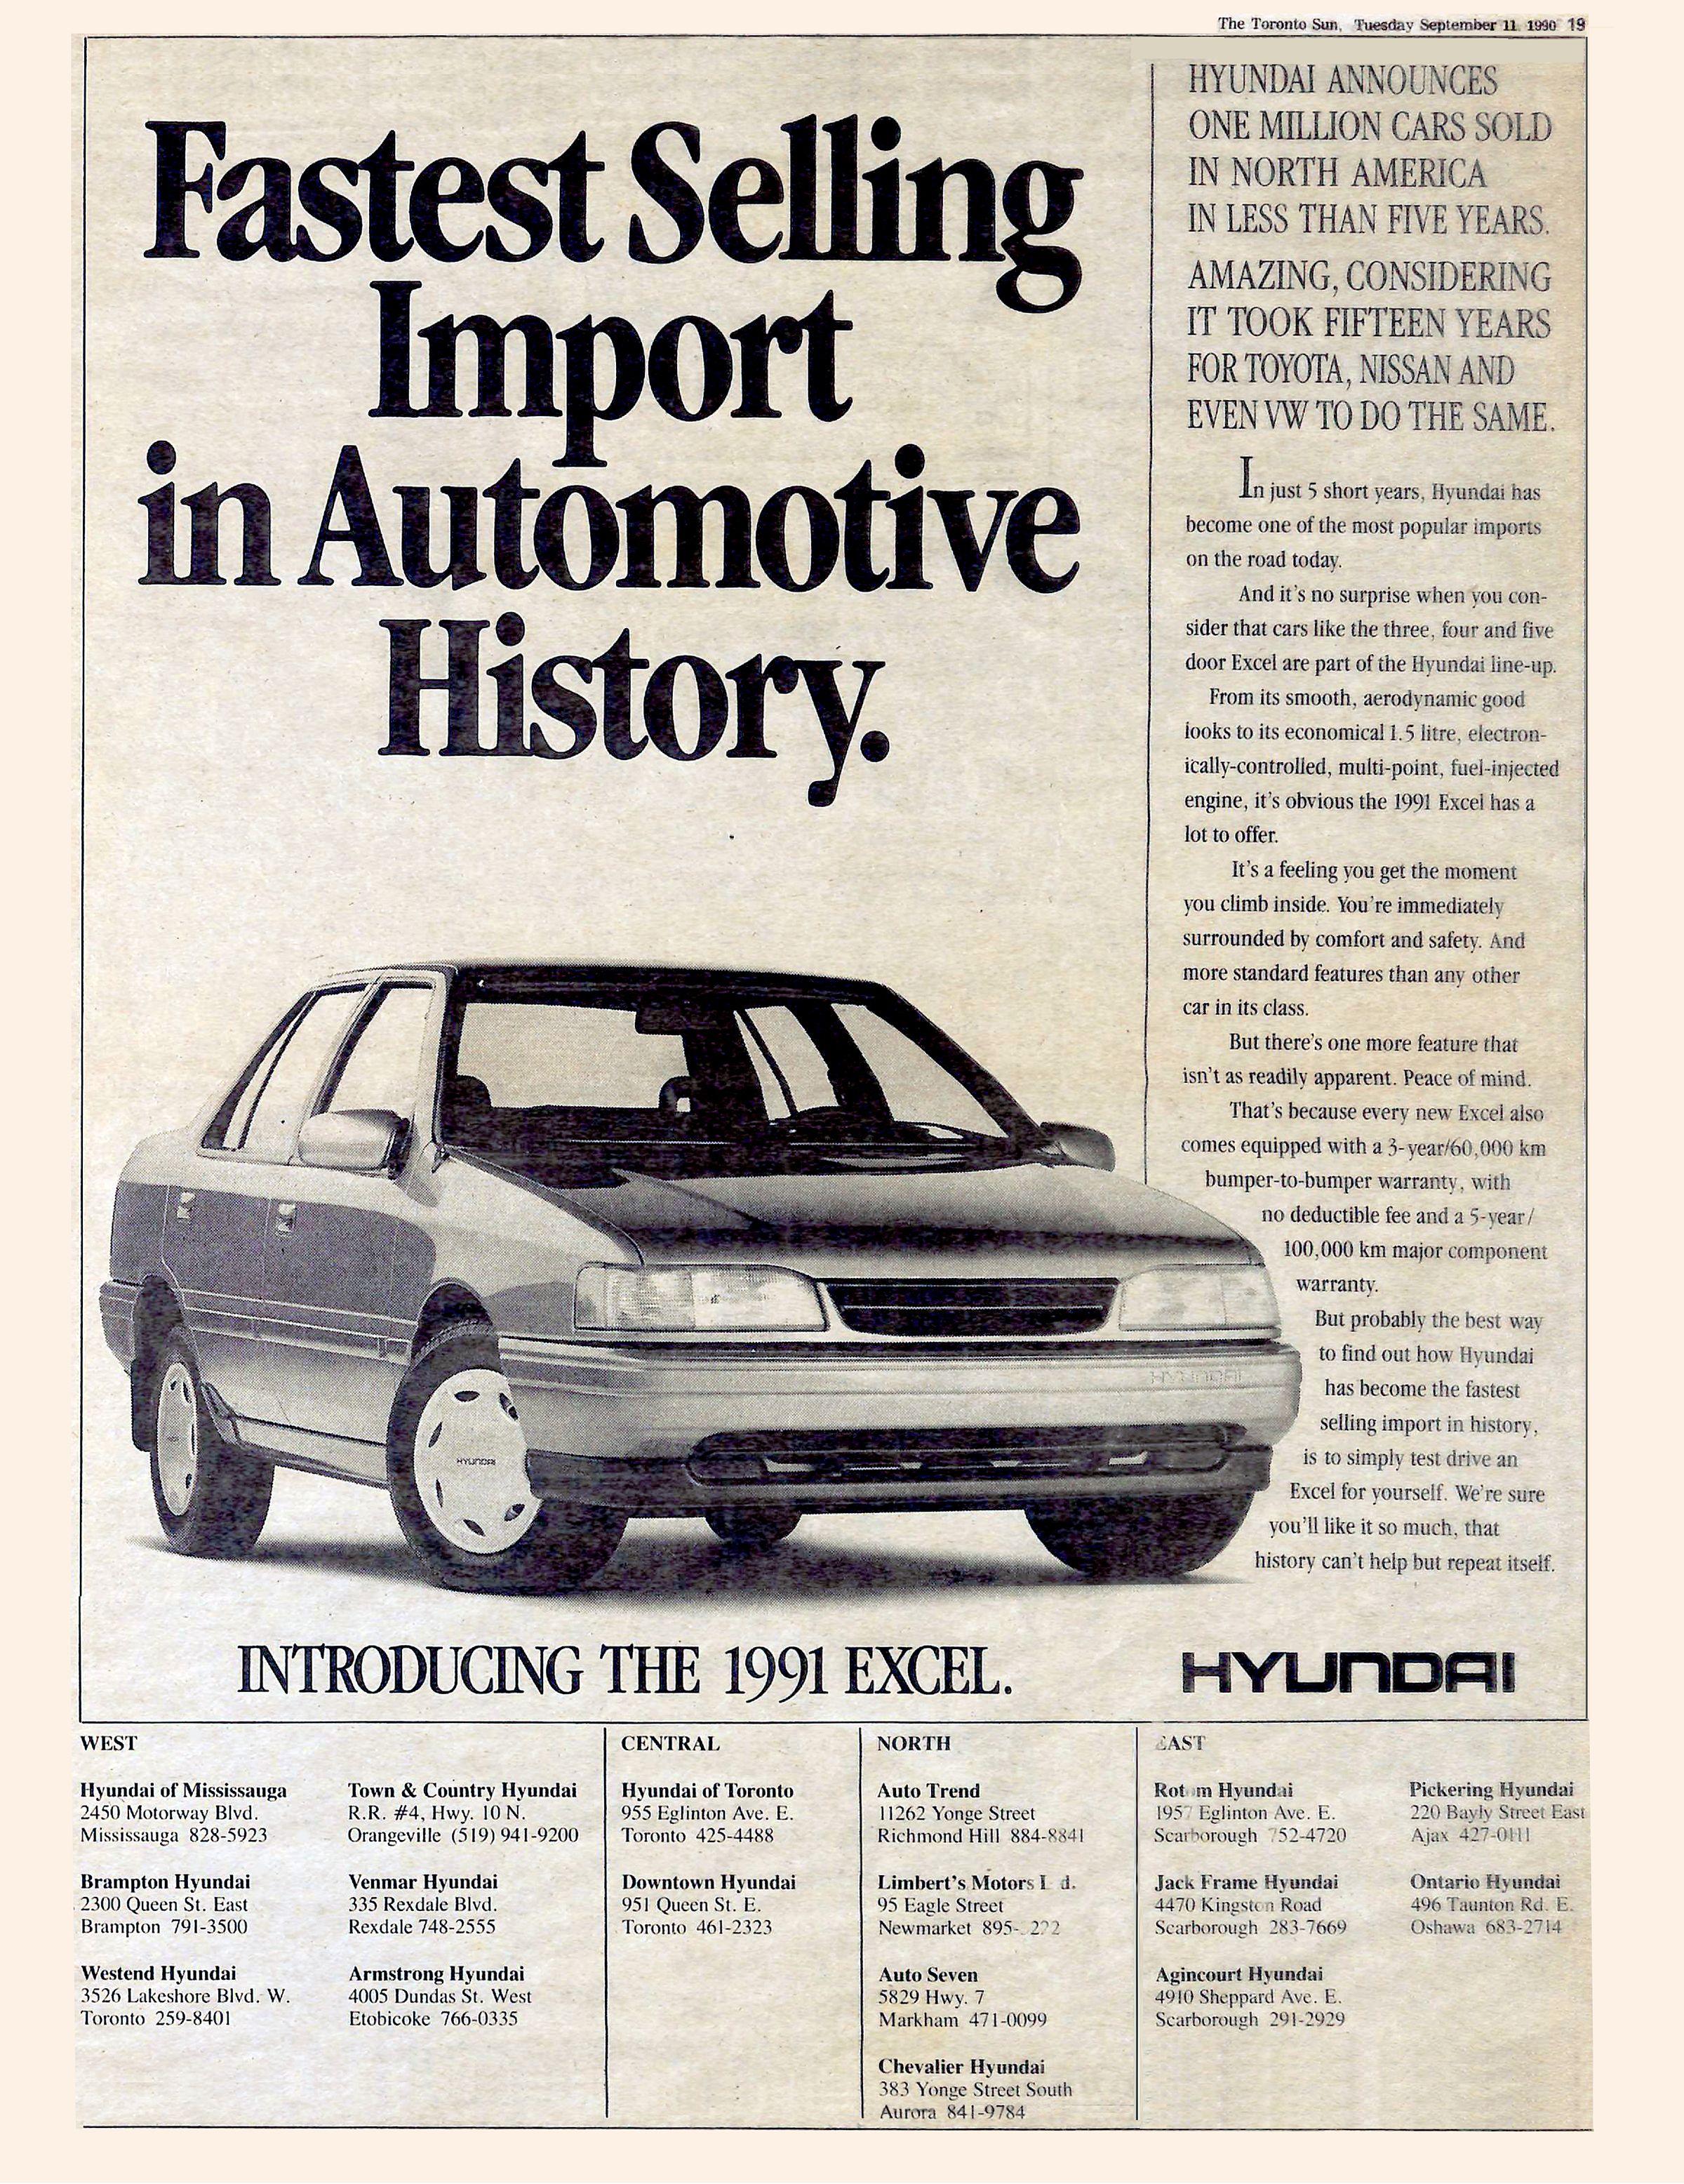 Hyundai Excel Newspaper Ad 1990 Agency Backer Spielvogel Bates